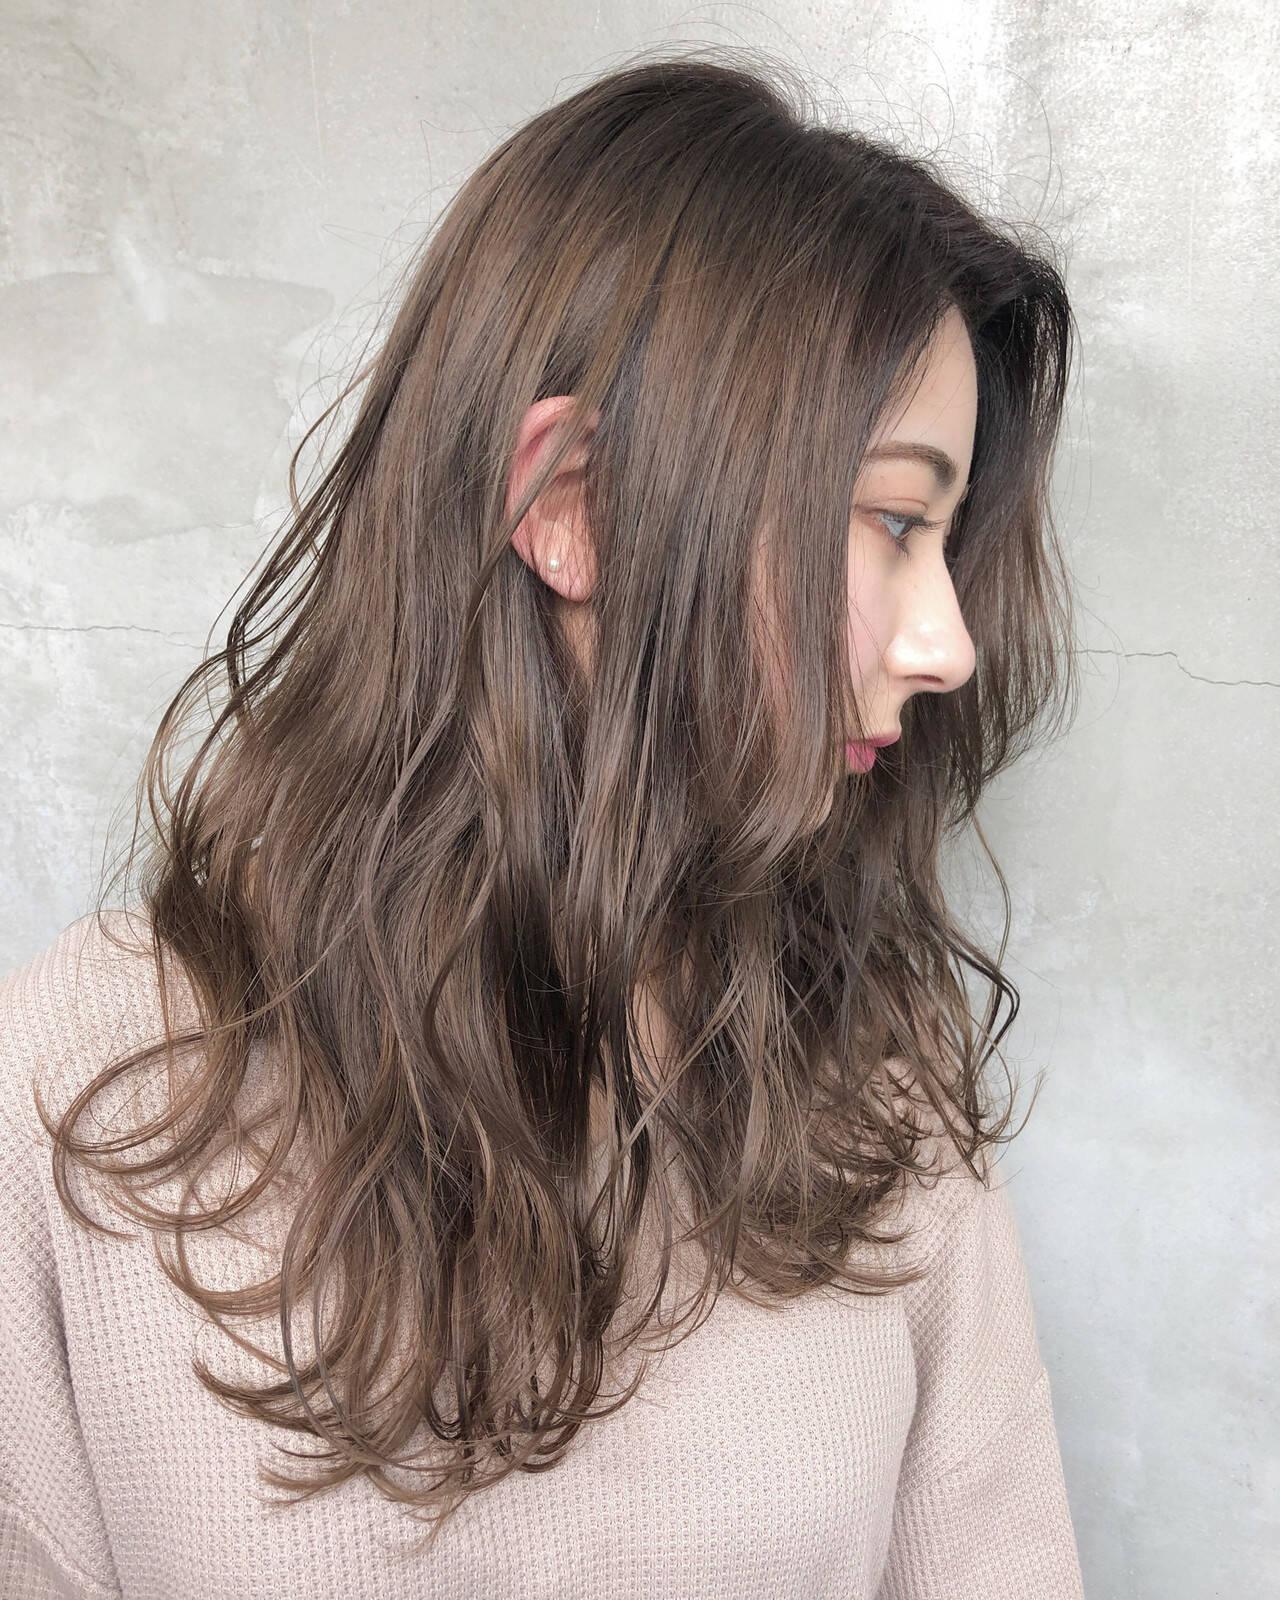 グレージュ ナチュラル セミロング 簡単ヘアアレンジヘアスタイルや髪型の写真・画像